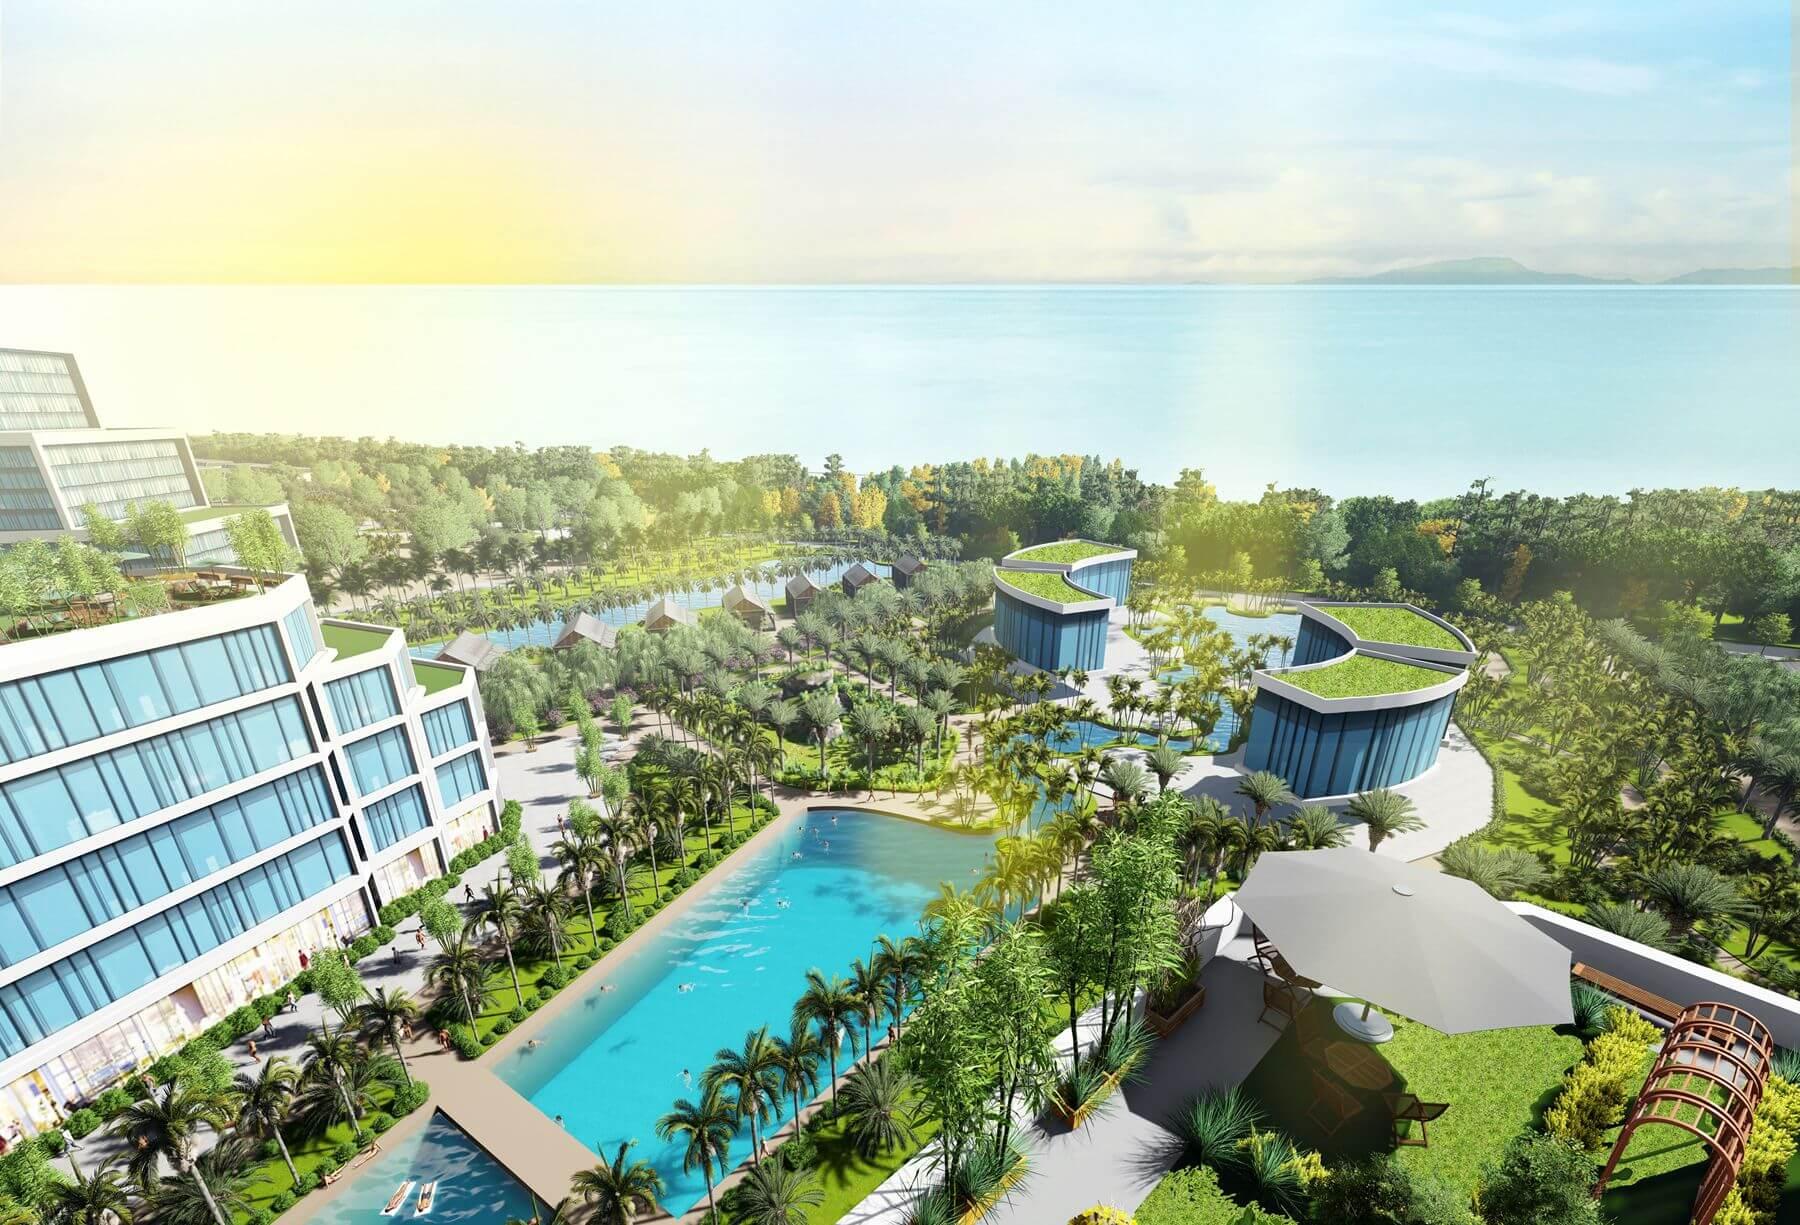 2019 QHCT tổ hợp du lịch nghỉ dưỡng, vui chơi giải trí và đô thị biển Gio Linh (Giai đoạn 1) tại huyện Gio Linh, Quảng Trị